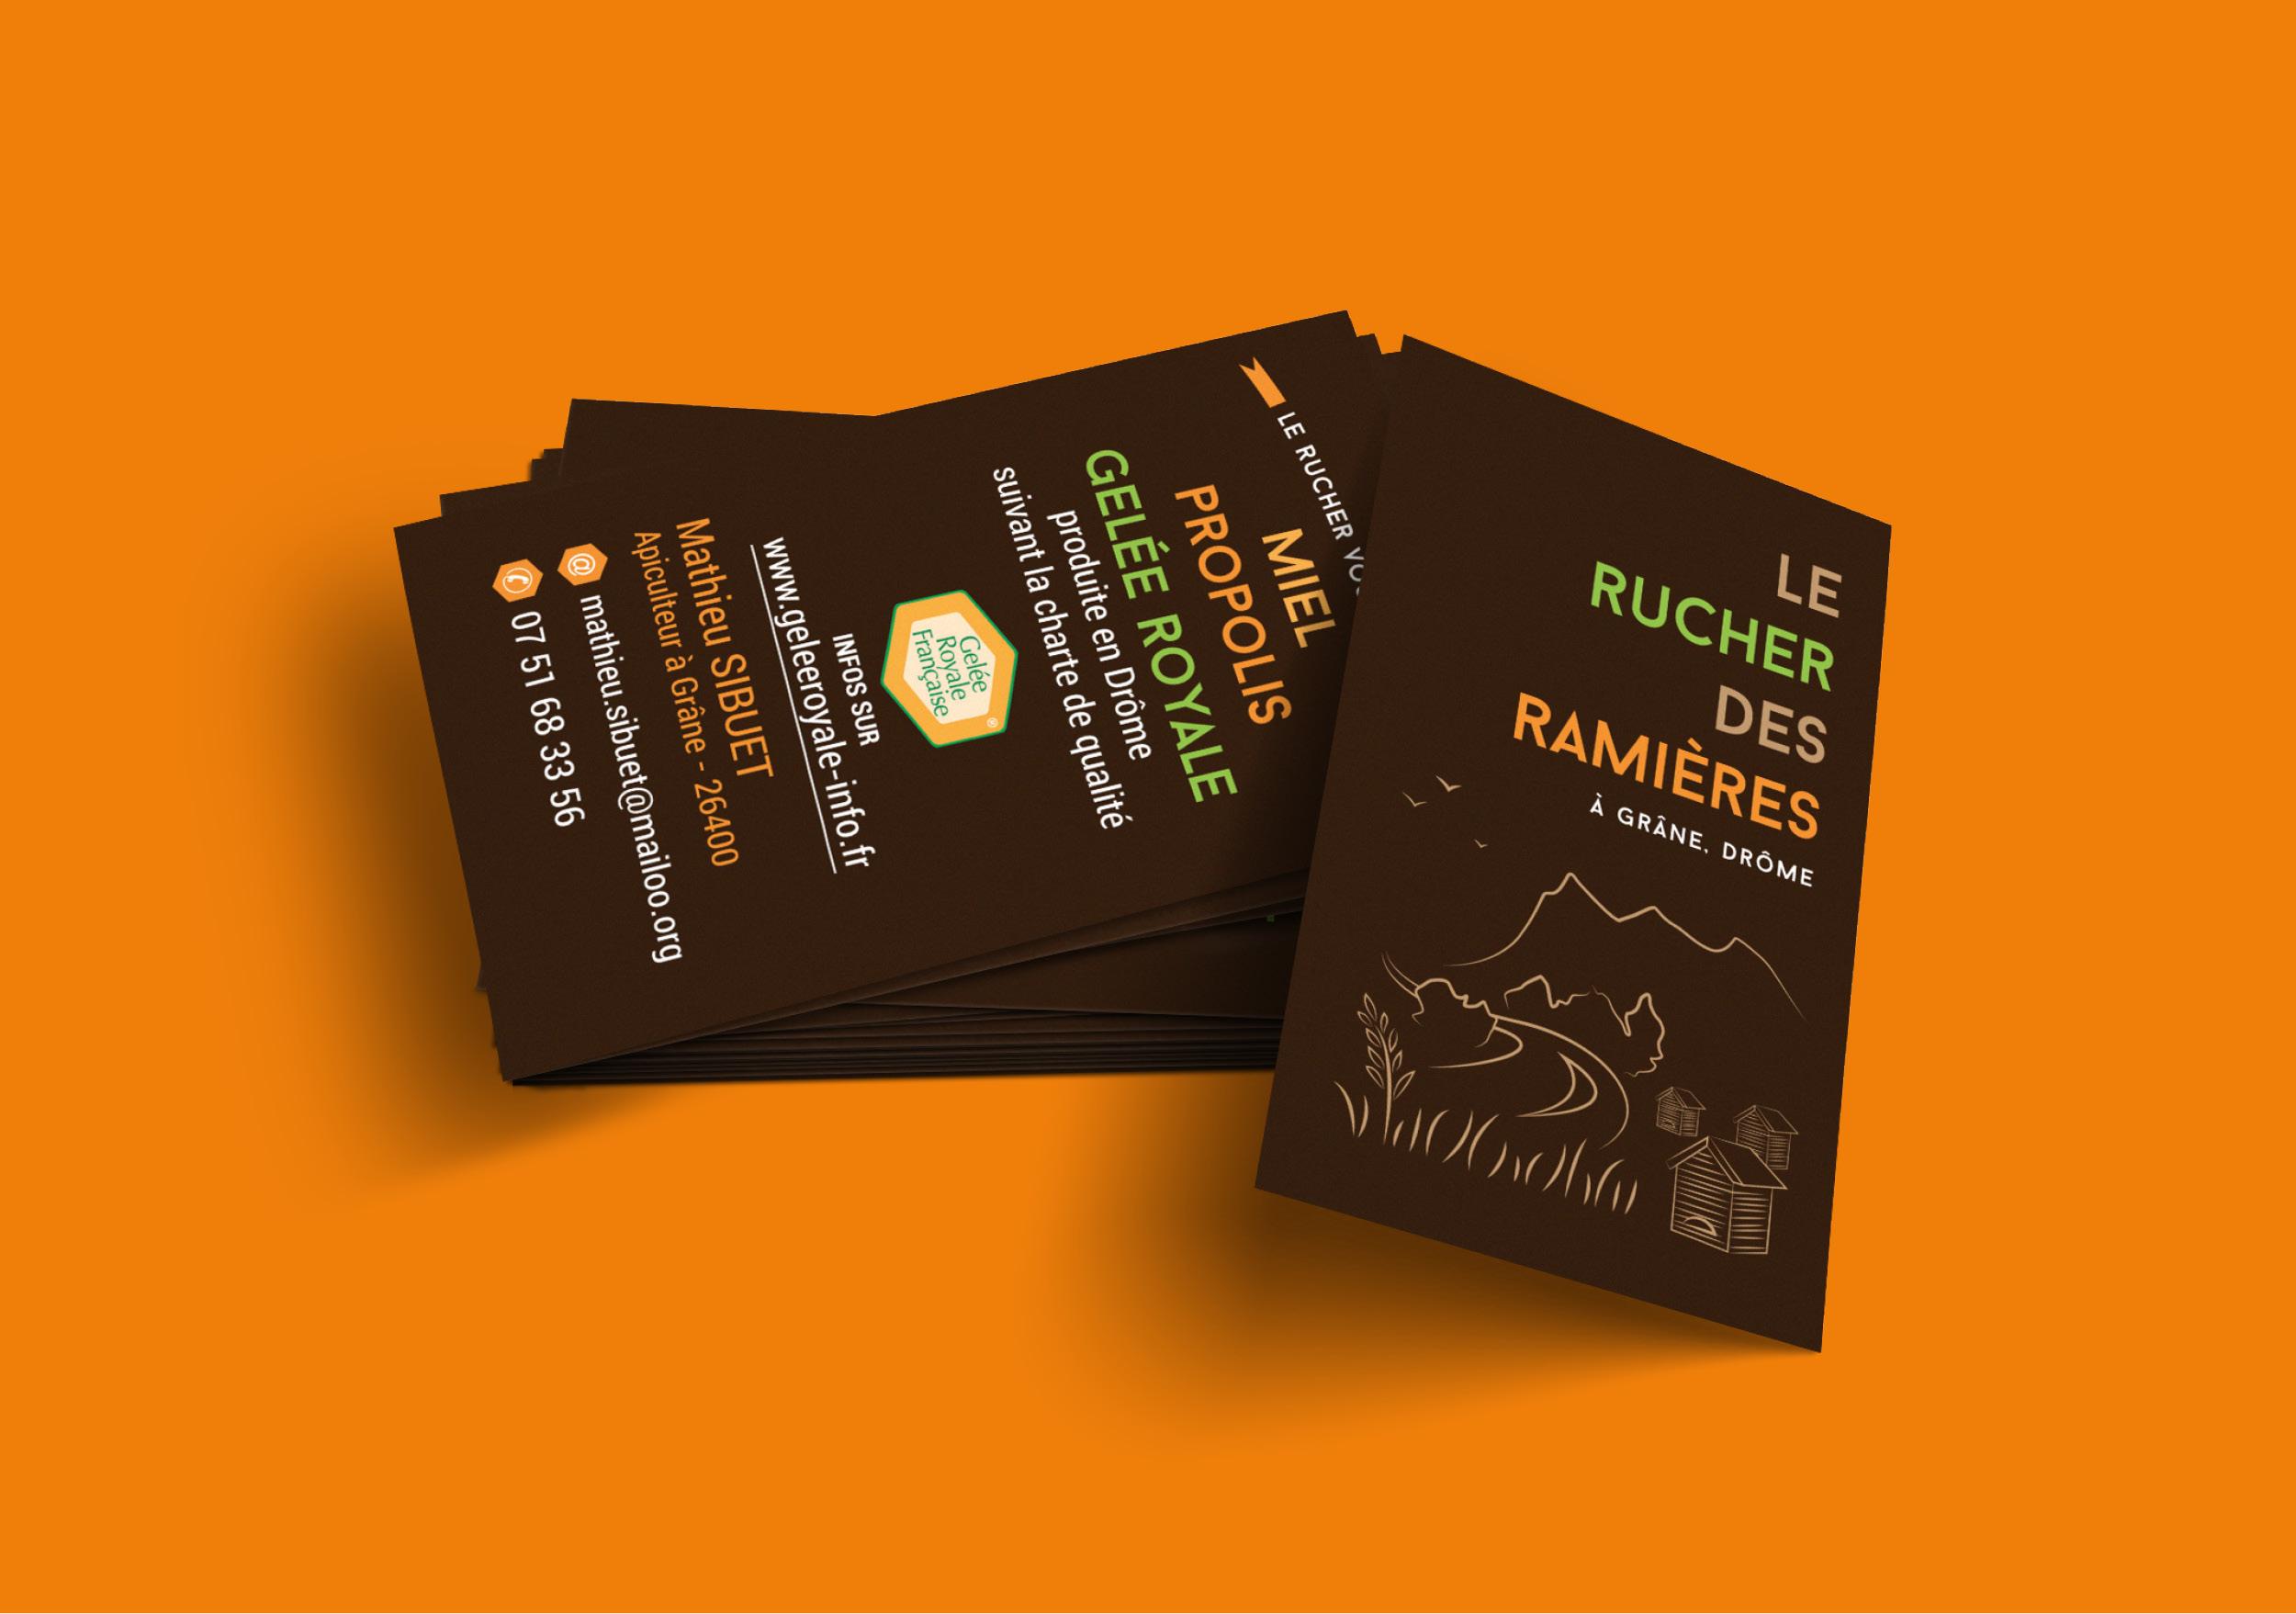 Création cartes de visite recto verso Rucher des Ramières Drôme miel apiculteur